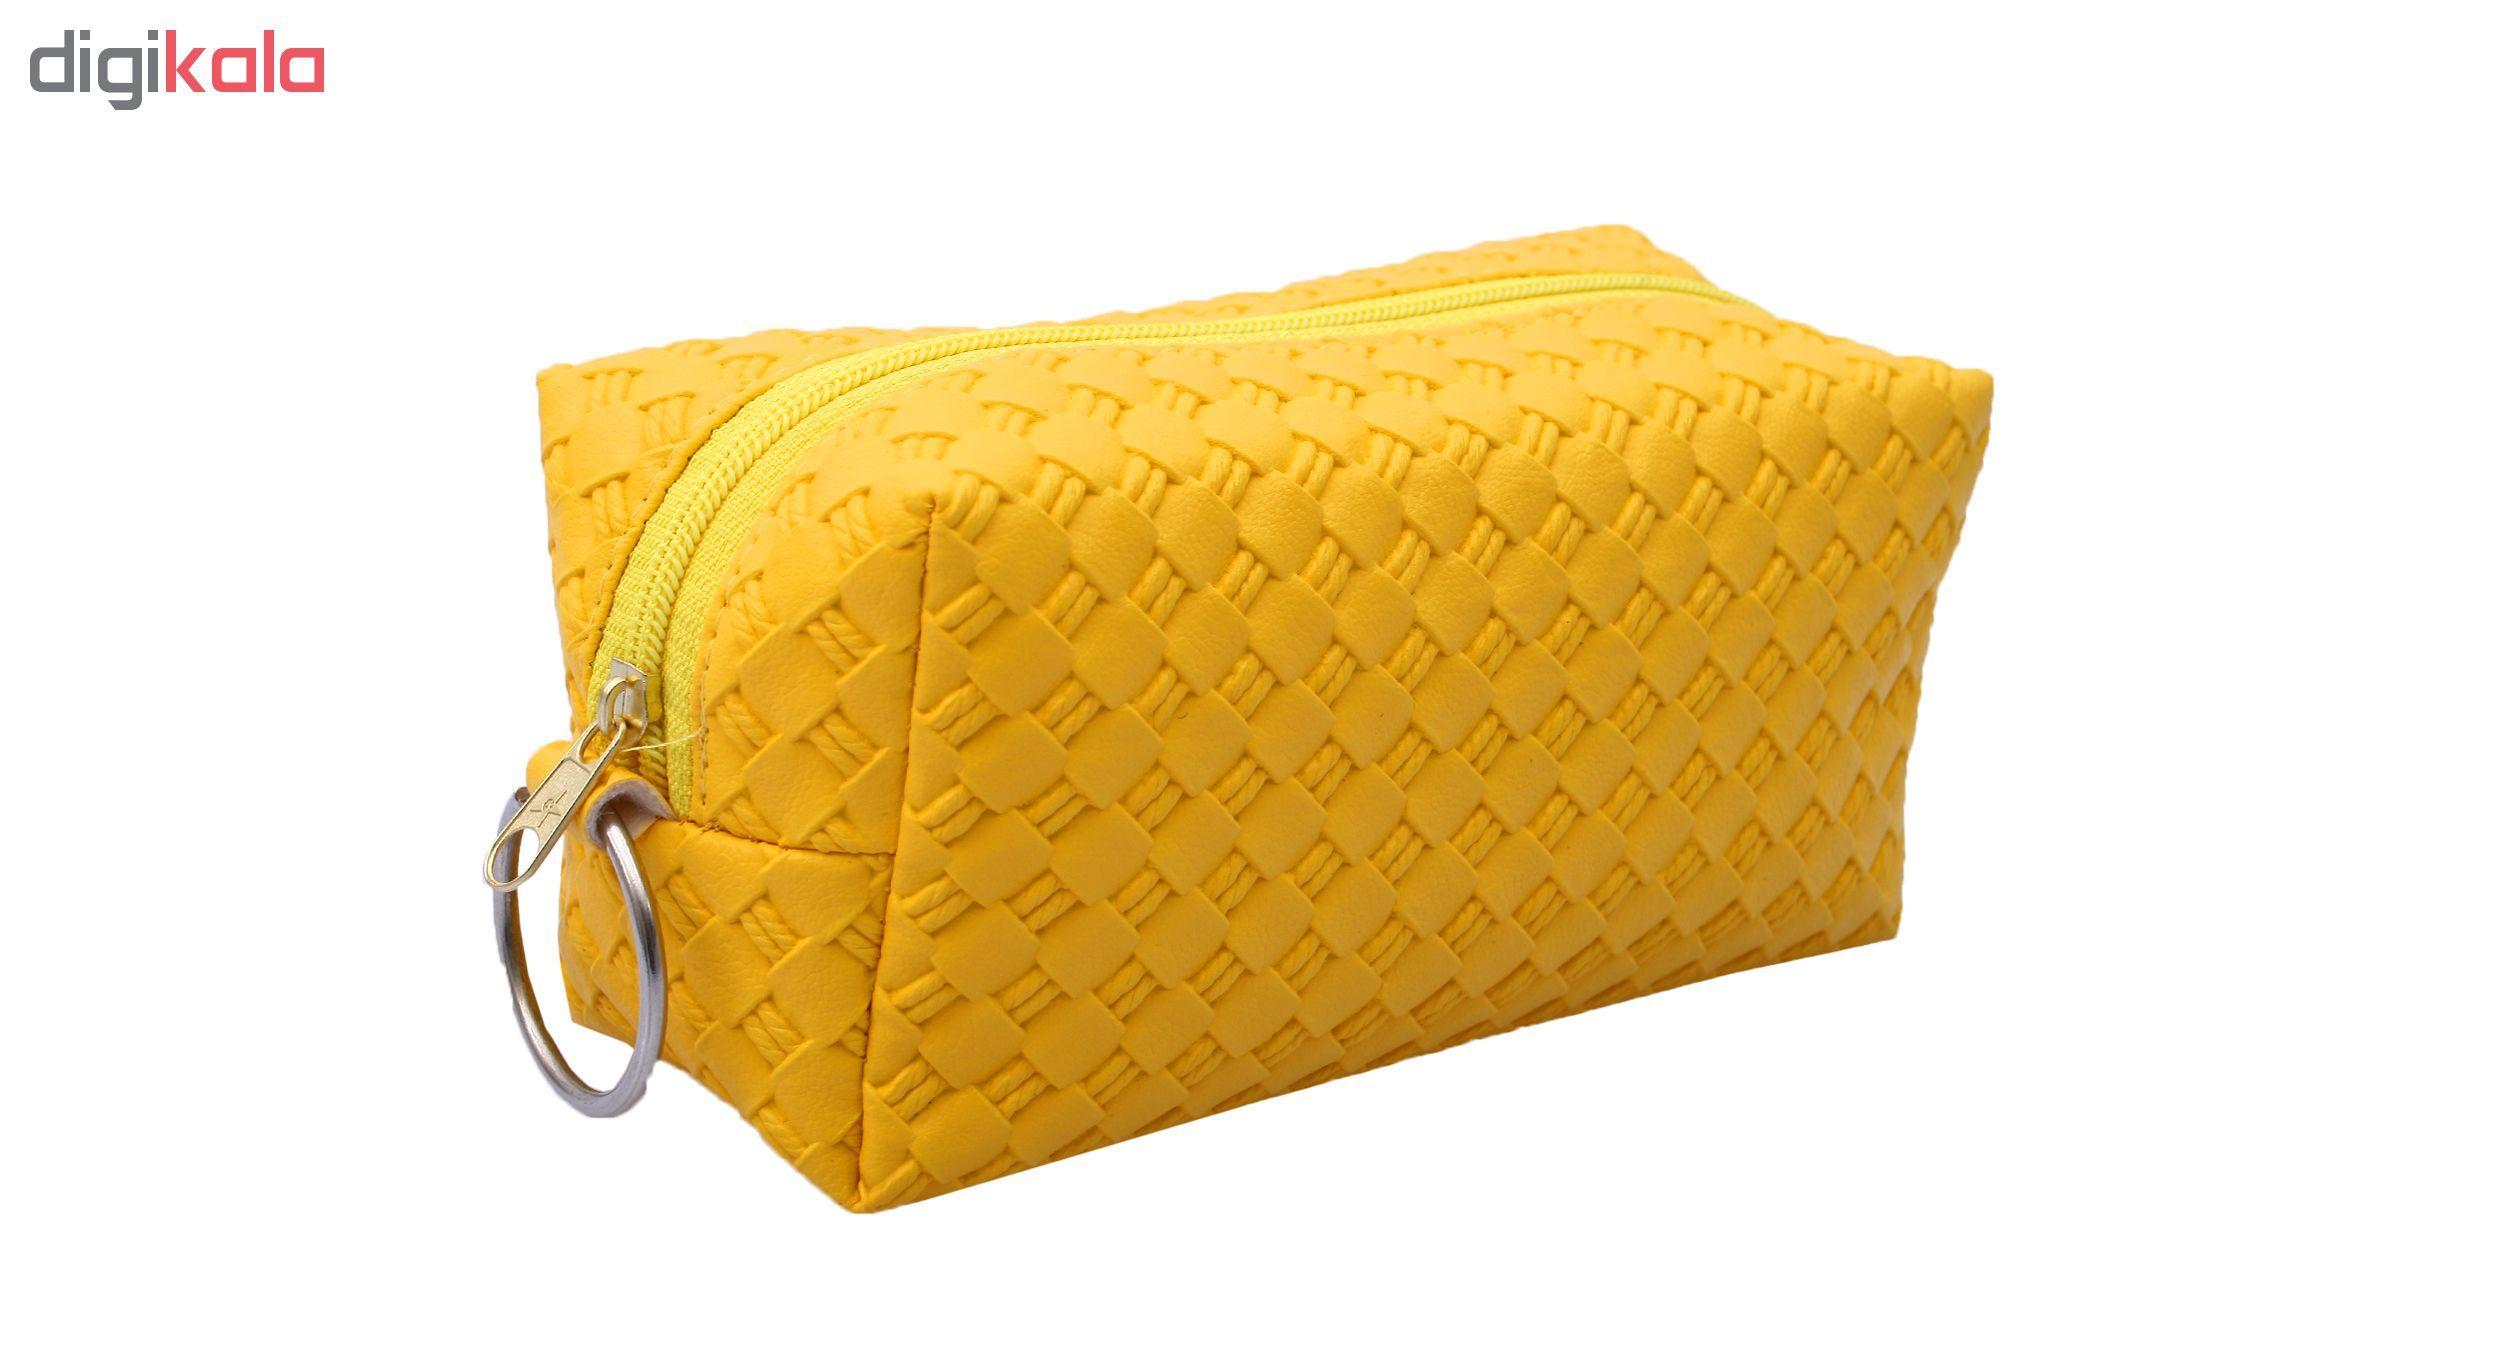 کیف لوازم آرایش کد GT0103 main 1 2